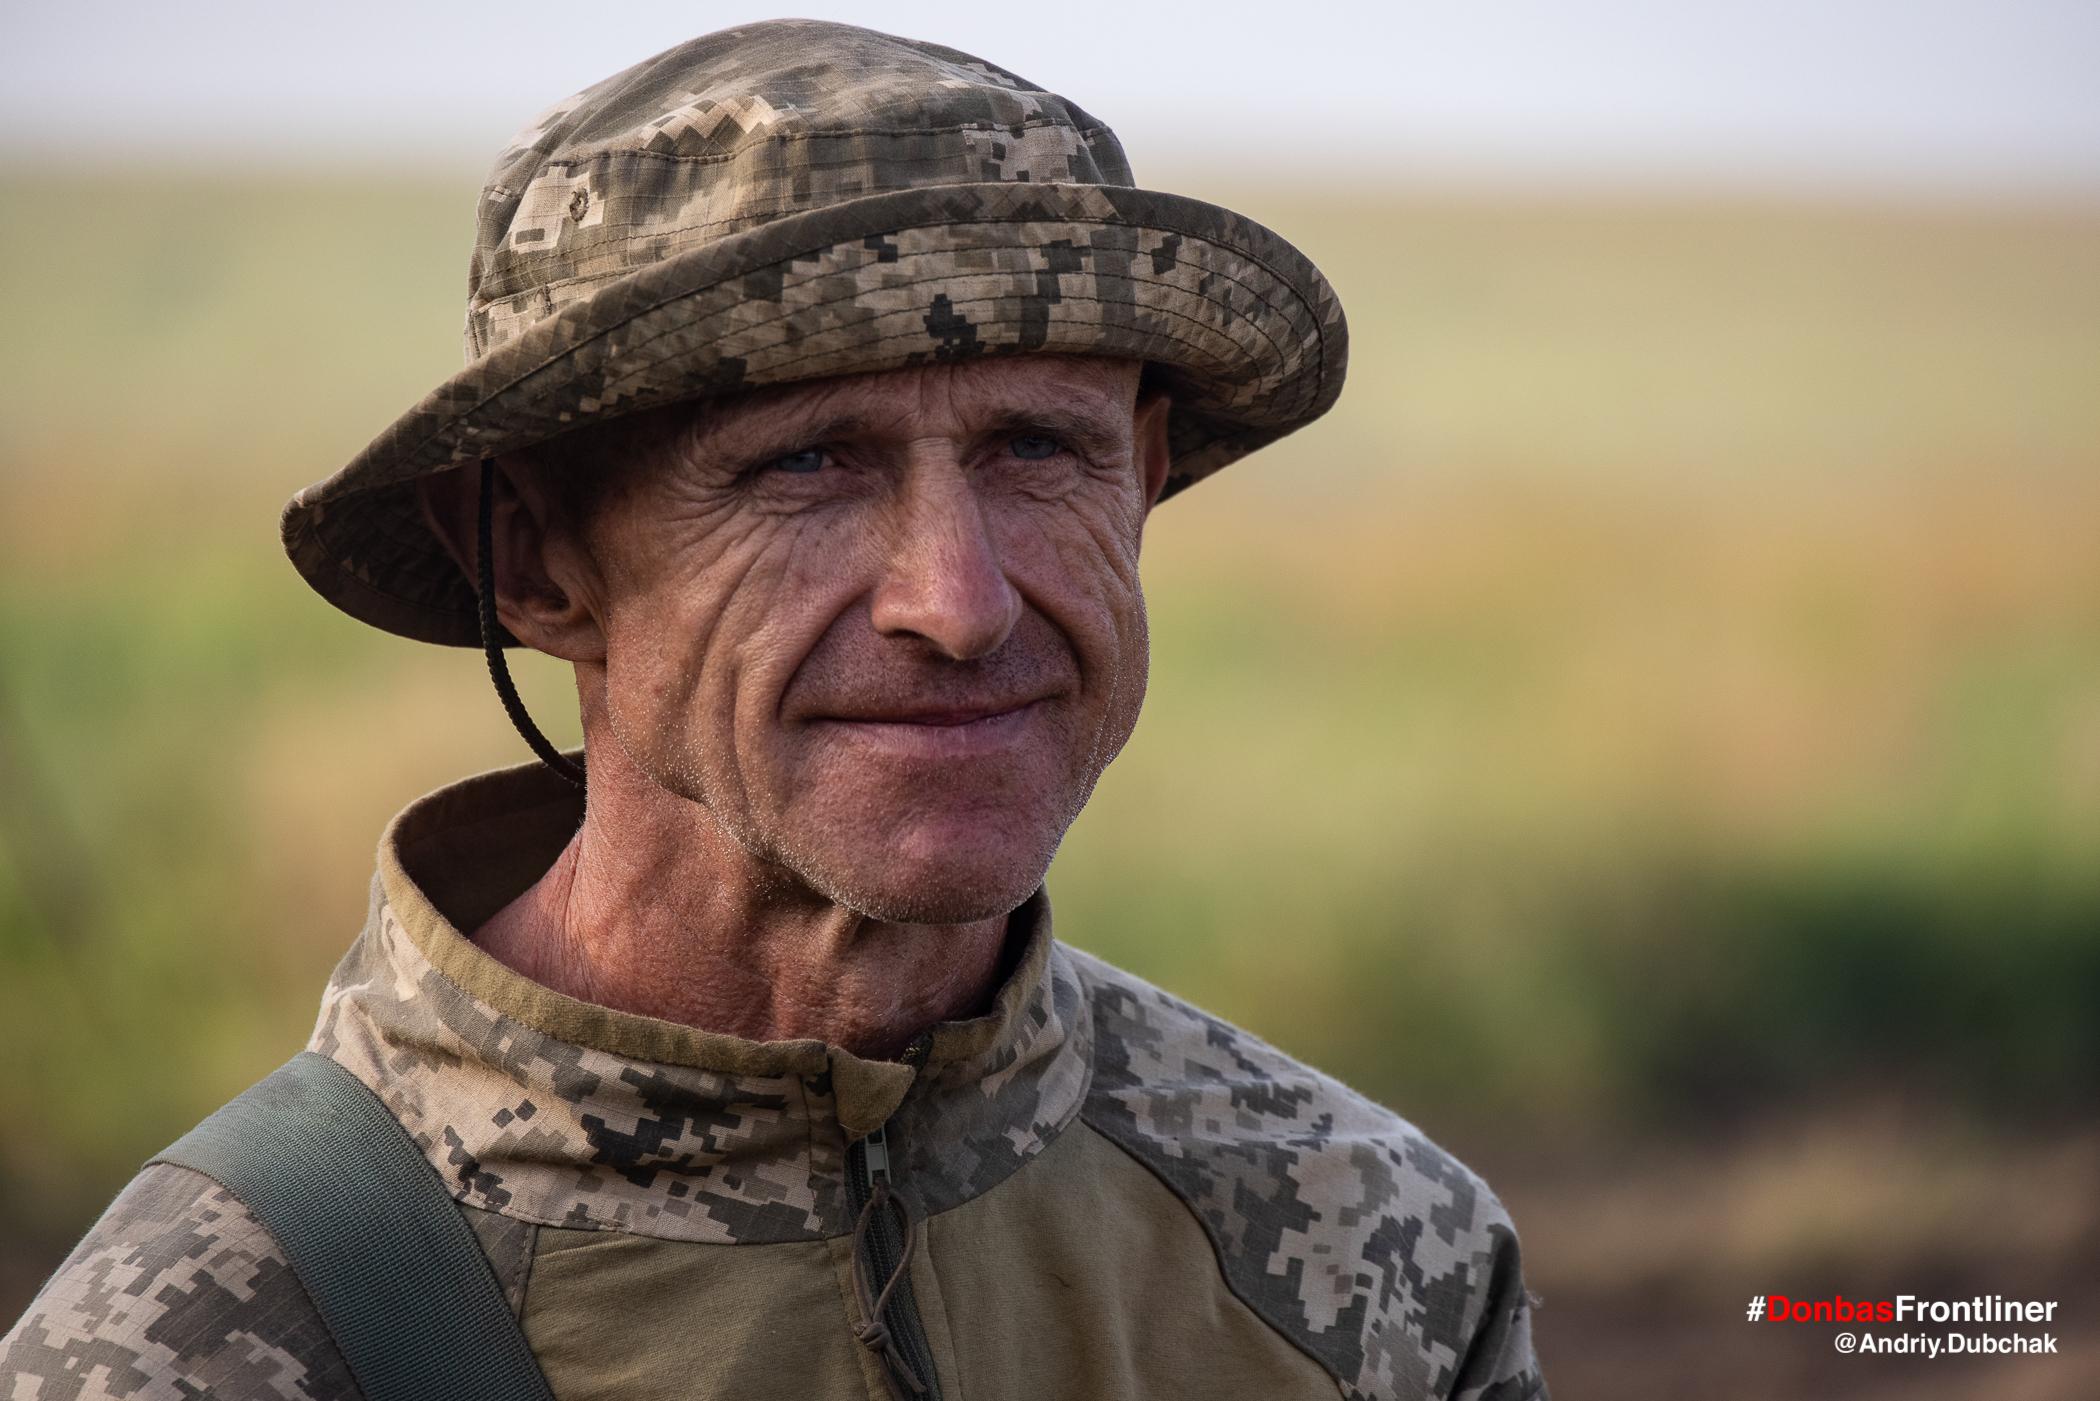 Матрос Папай. Бойове тренування 503-го батальйону морської піхоти на Приазов'ї, липень 2021 року